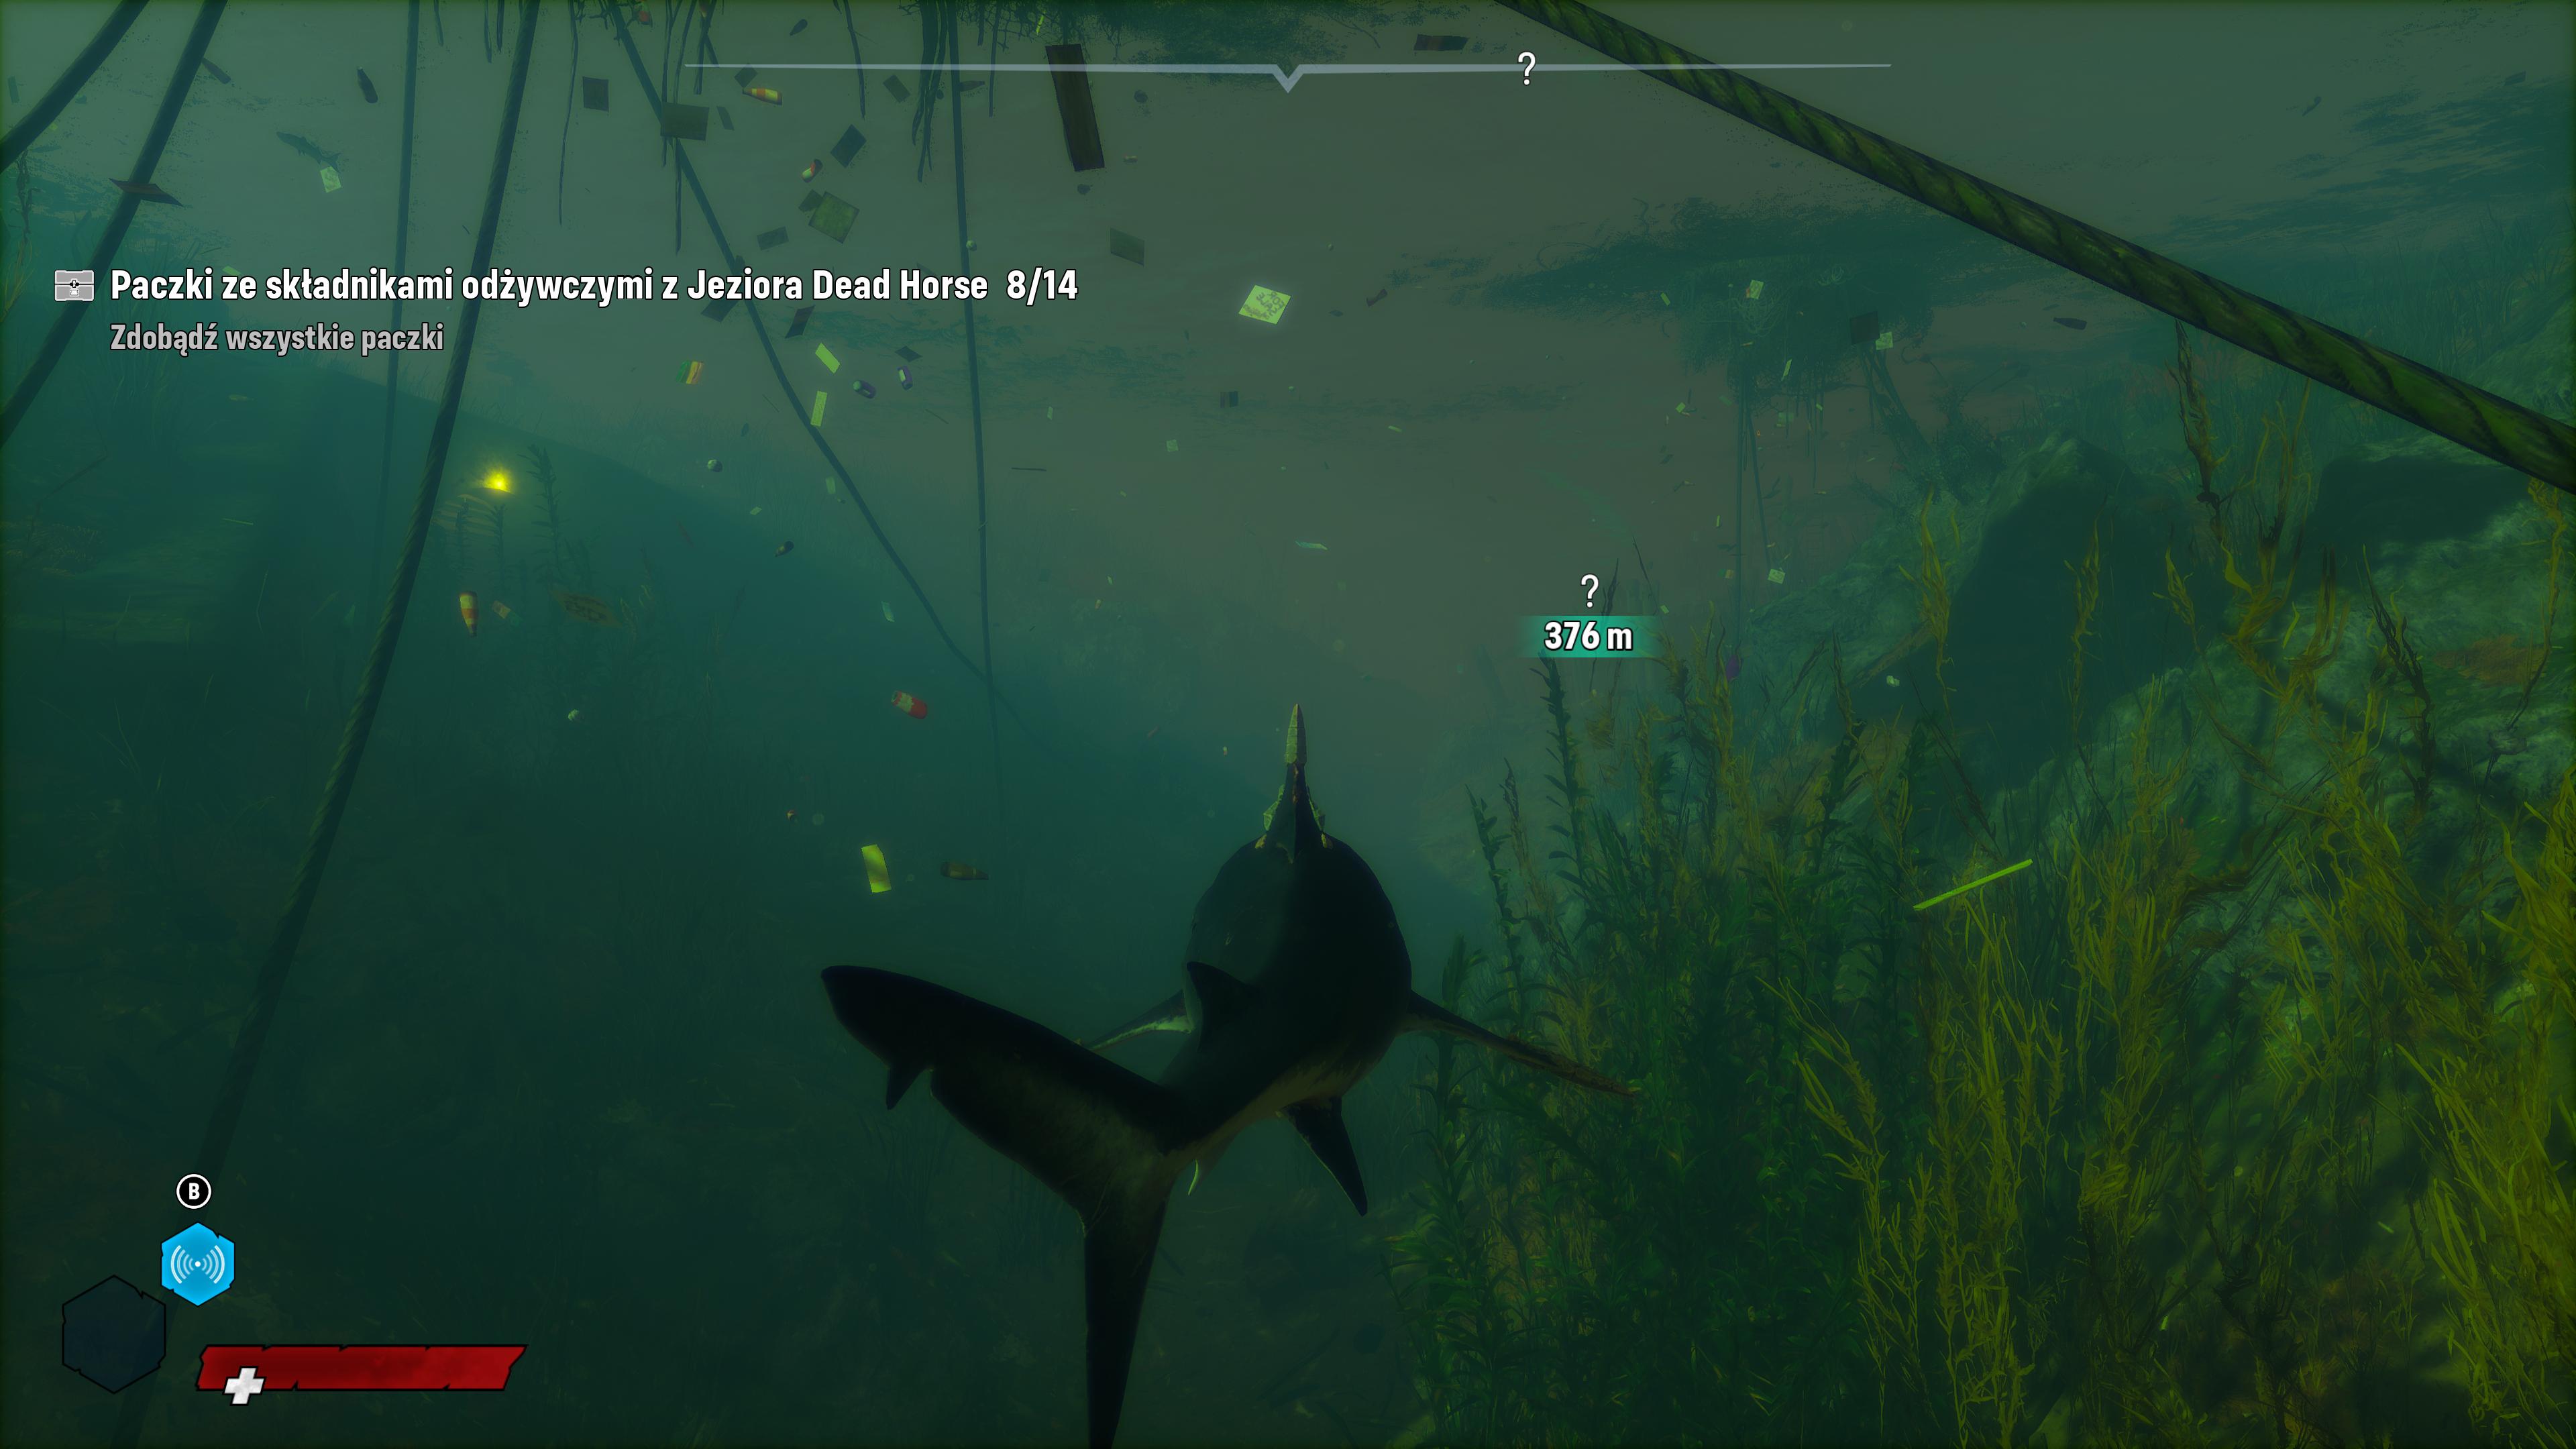 Maneater - rekin płynący na fali świeżości (recenzja) 20